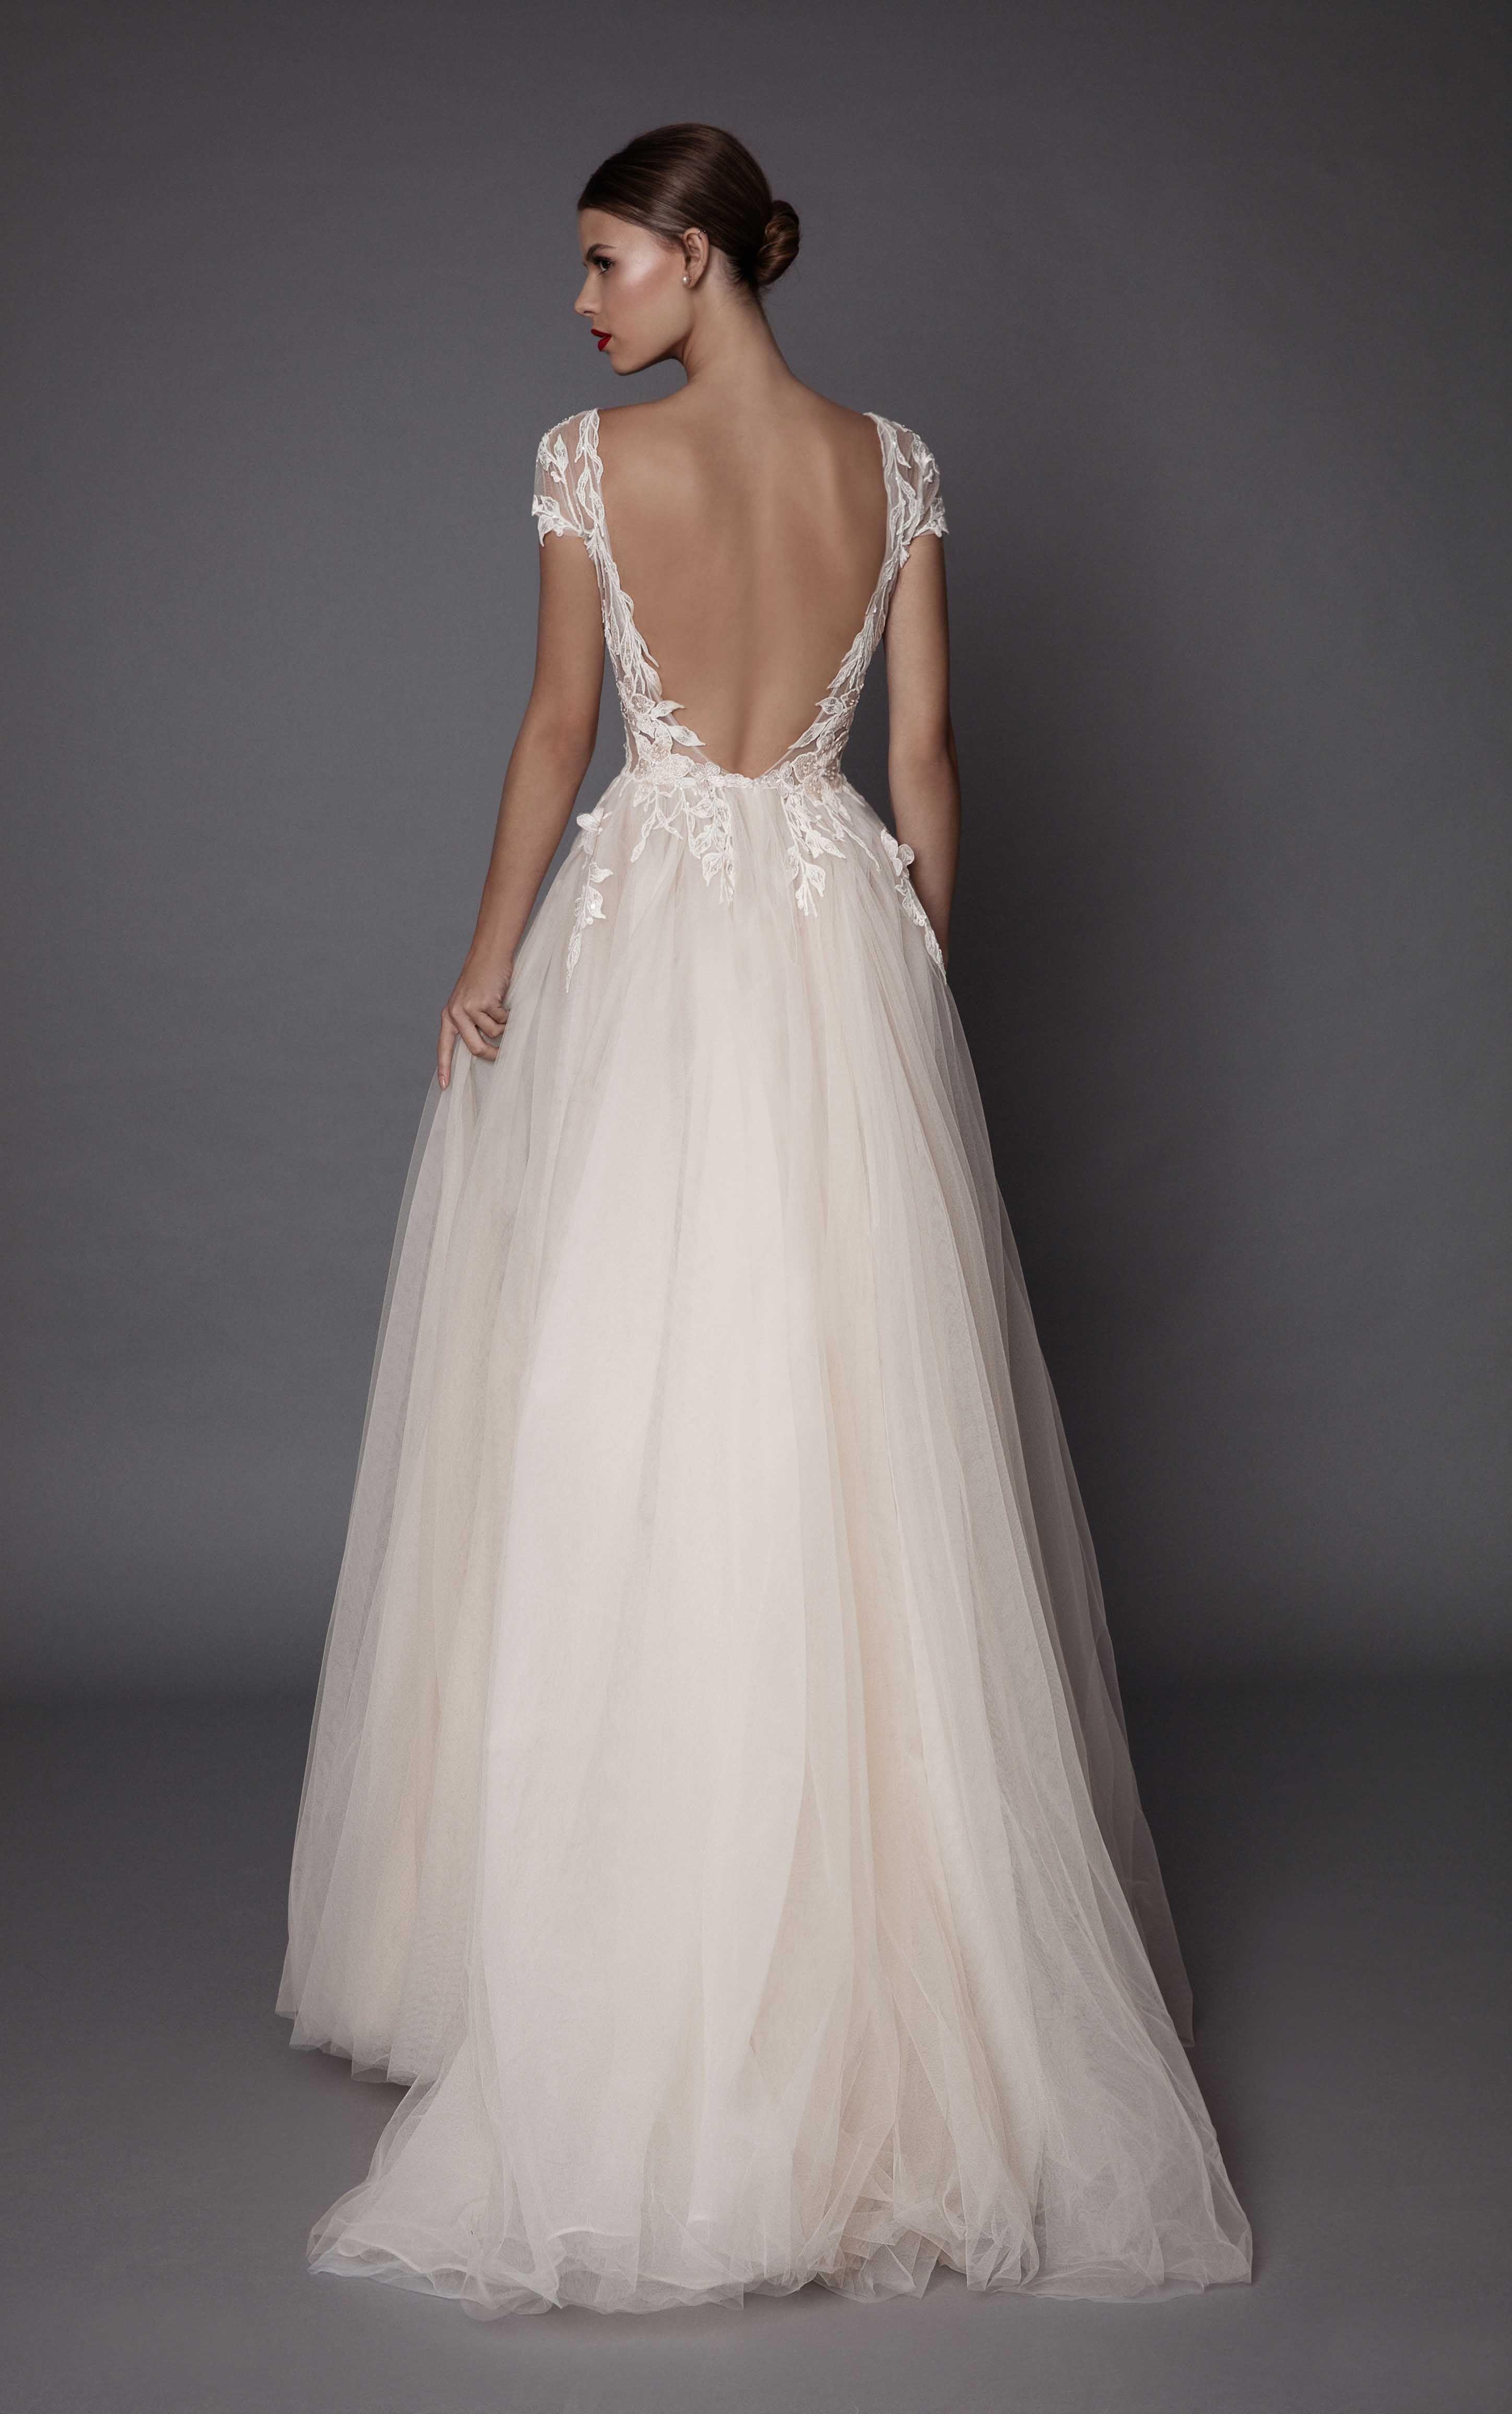 Brautkleid, Hochzeitskleid, rückenfrei, Spitze  Hochzeitskleid